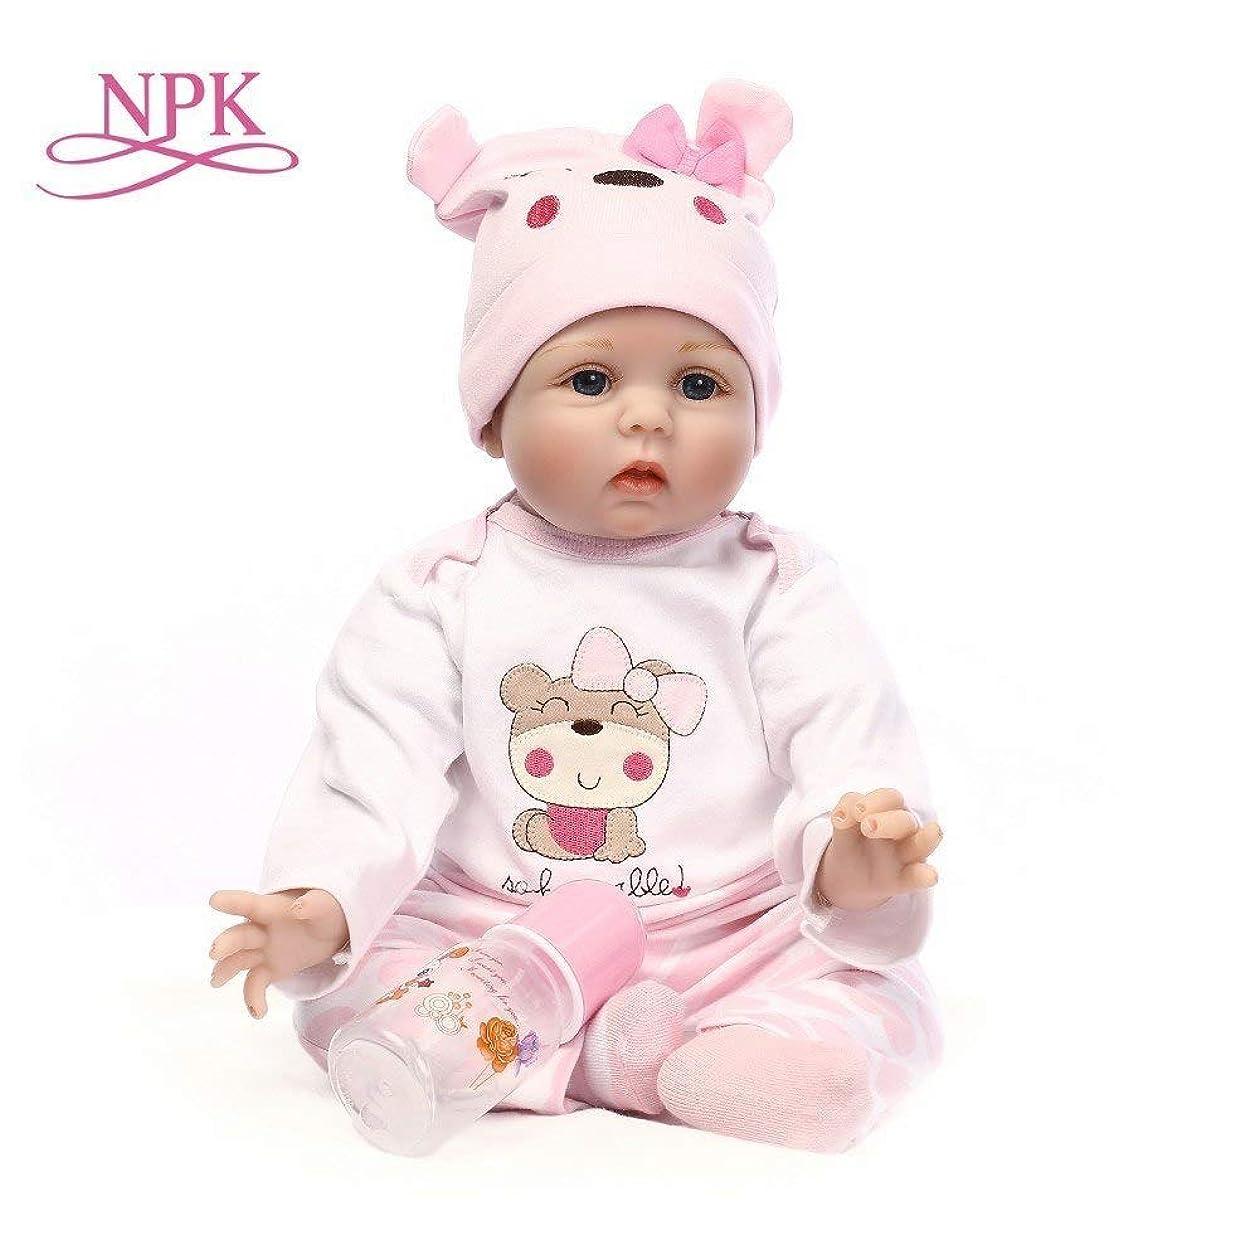 目の前の養うトースト55センチシリコンリボーンベビードールおもちゃリアルなソフト布ボディ新生児 bebes 赤ちゃん人形 誕生日プレゼント